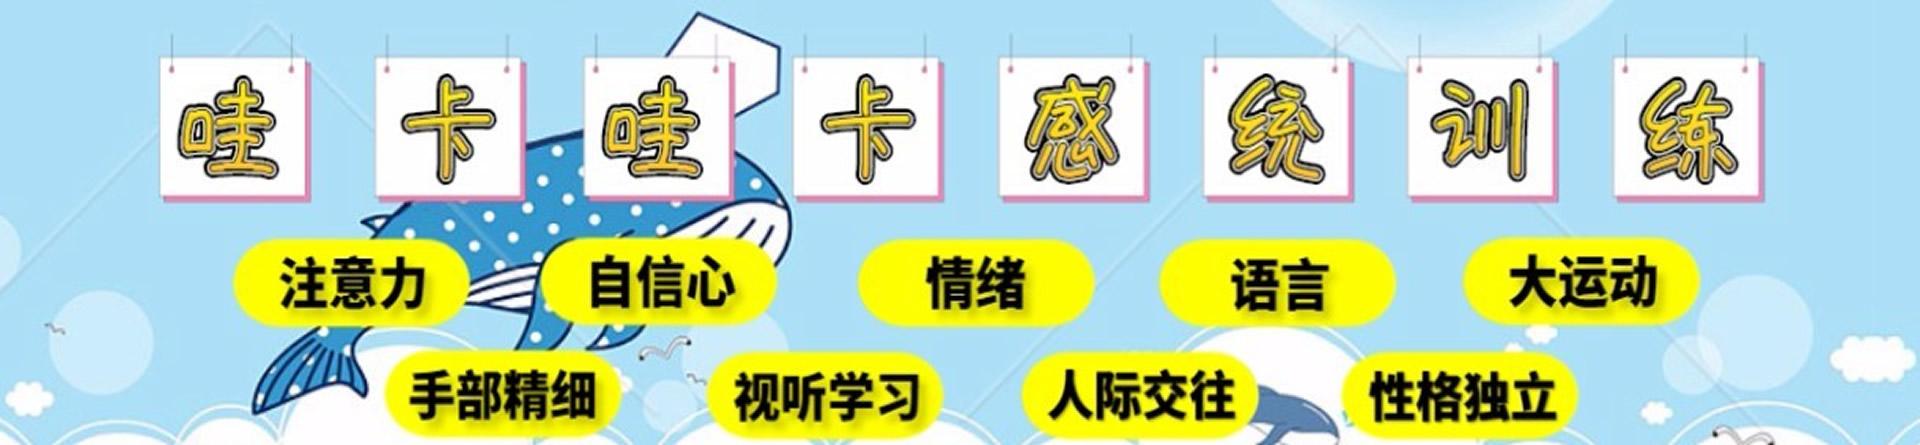 郑州哇卡哇卡感统训练中心